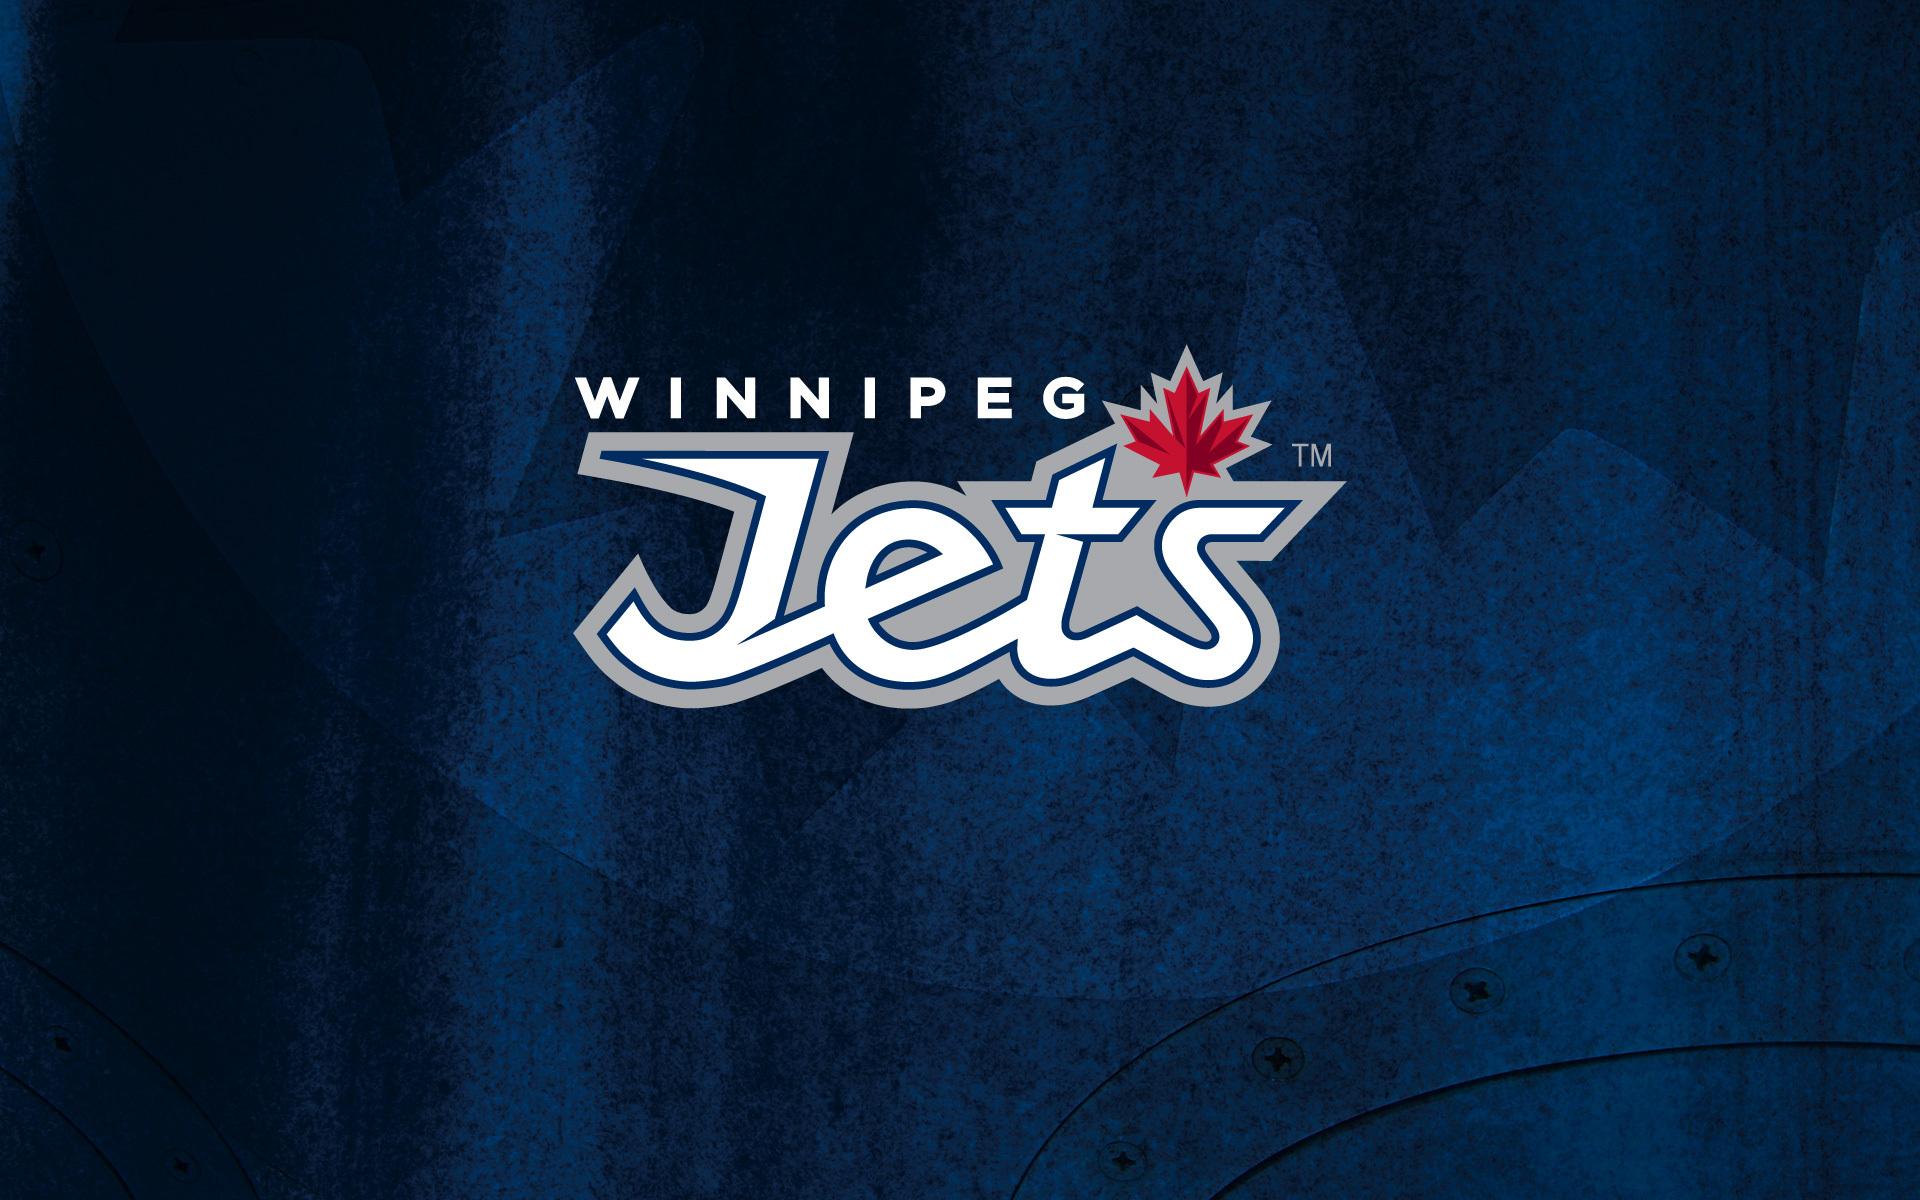 Winnipeg Jets 1920x1200